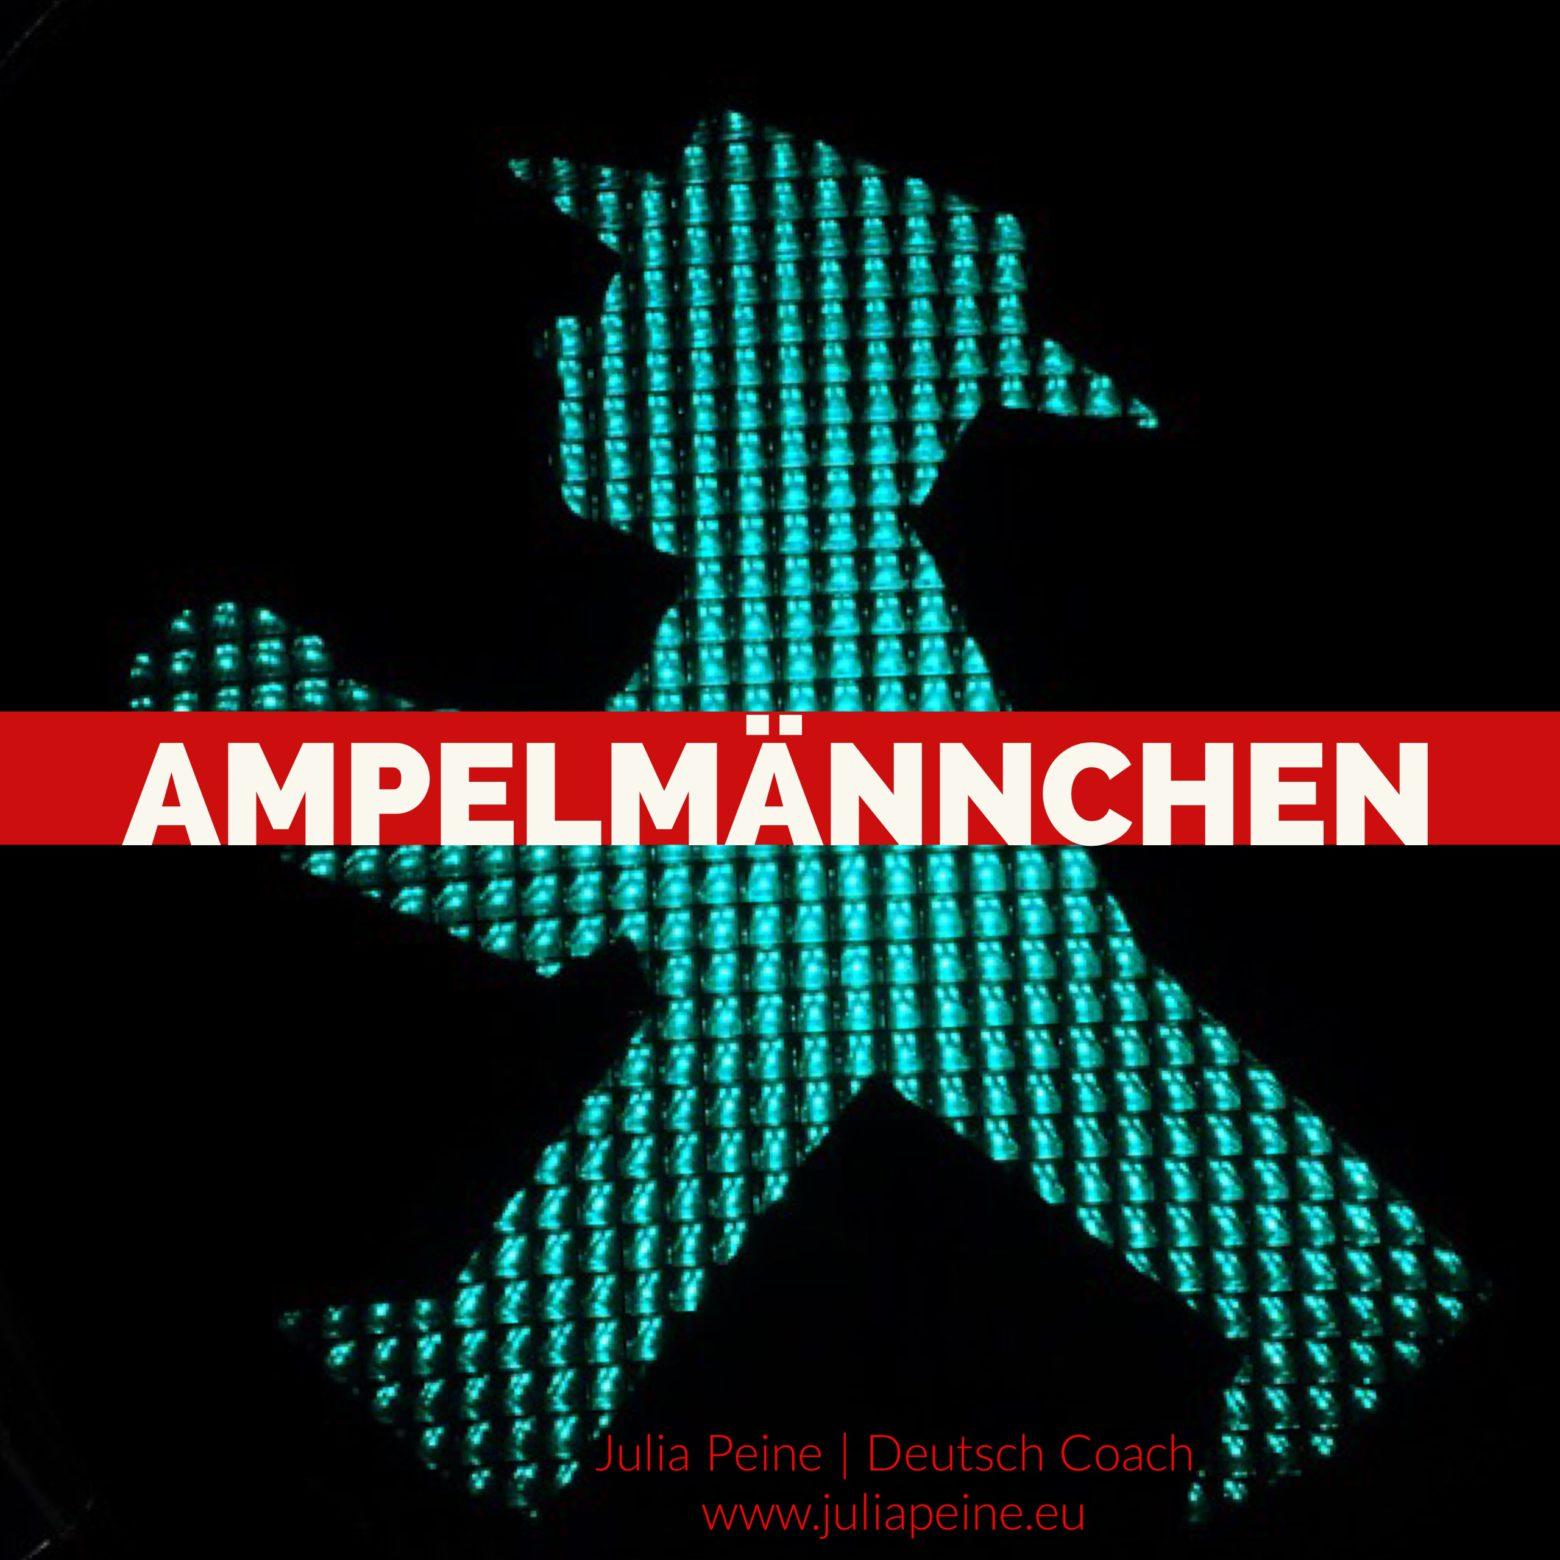 Ampelmännchen | De mooiste Duitse woorden | Julia Peine Deutsch Coach | Utrecht | Leidsche Rijn